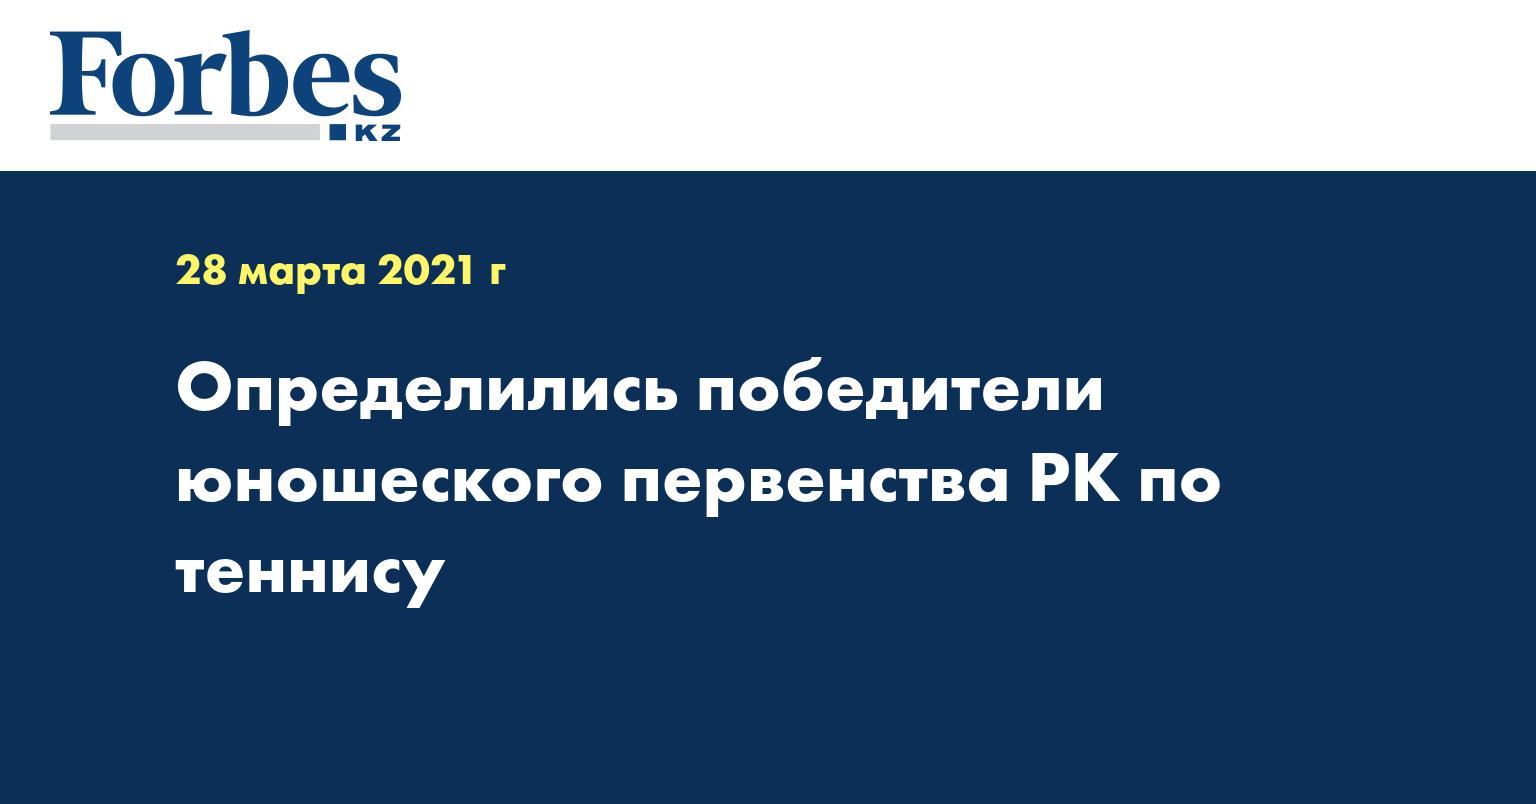 Определились победители юношеского первенства РК по теннису